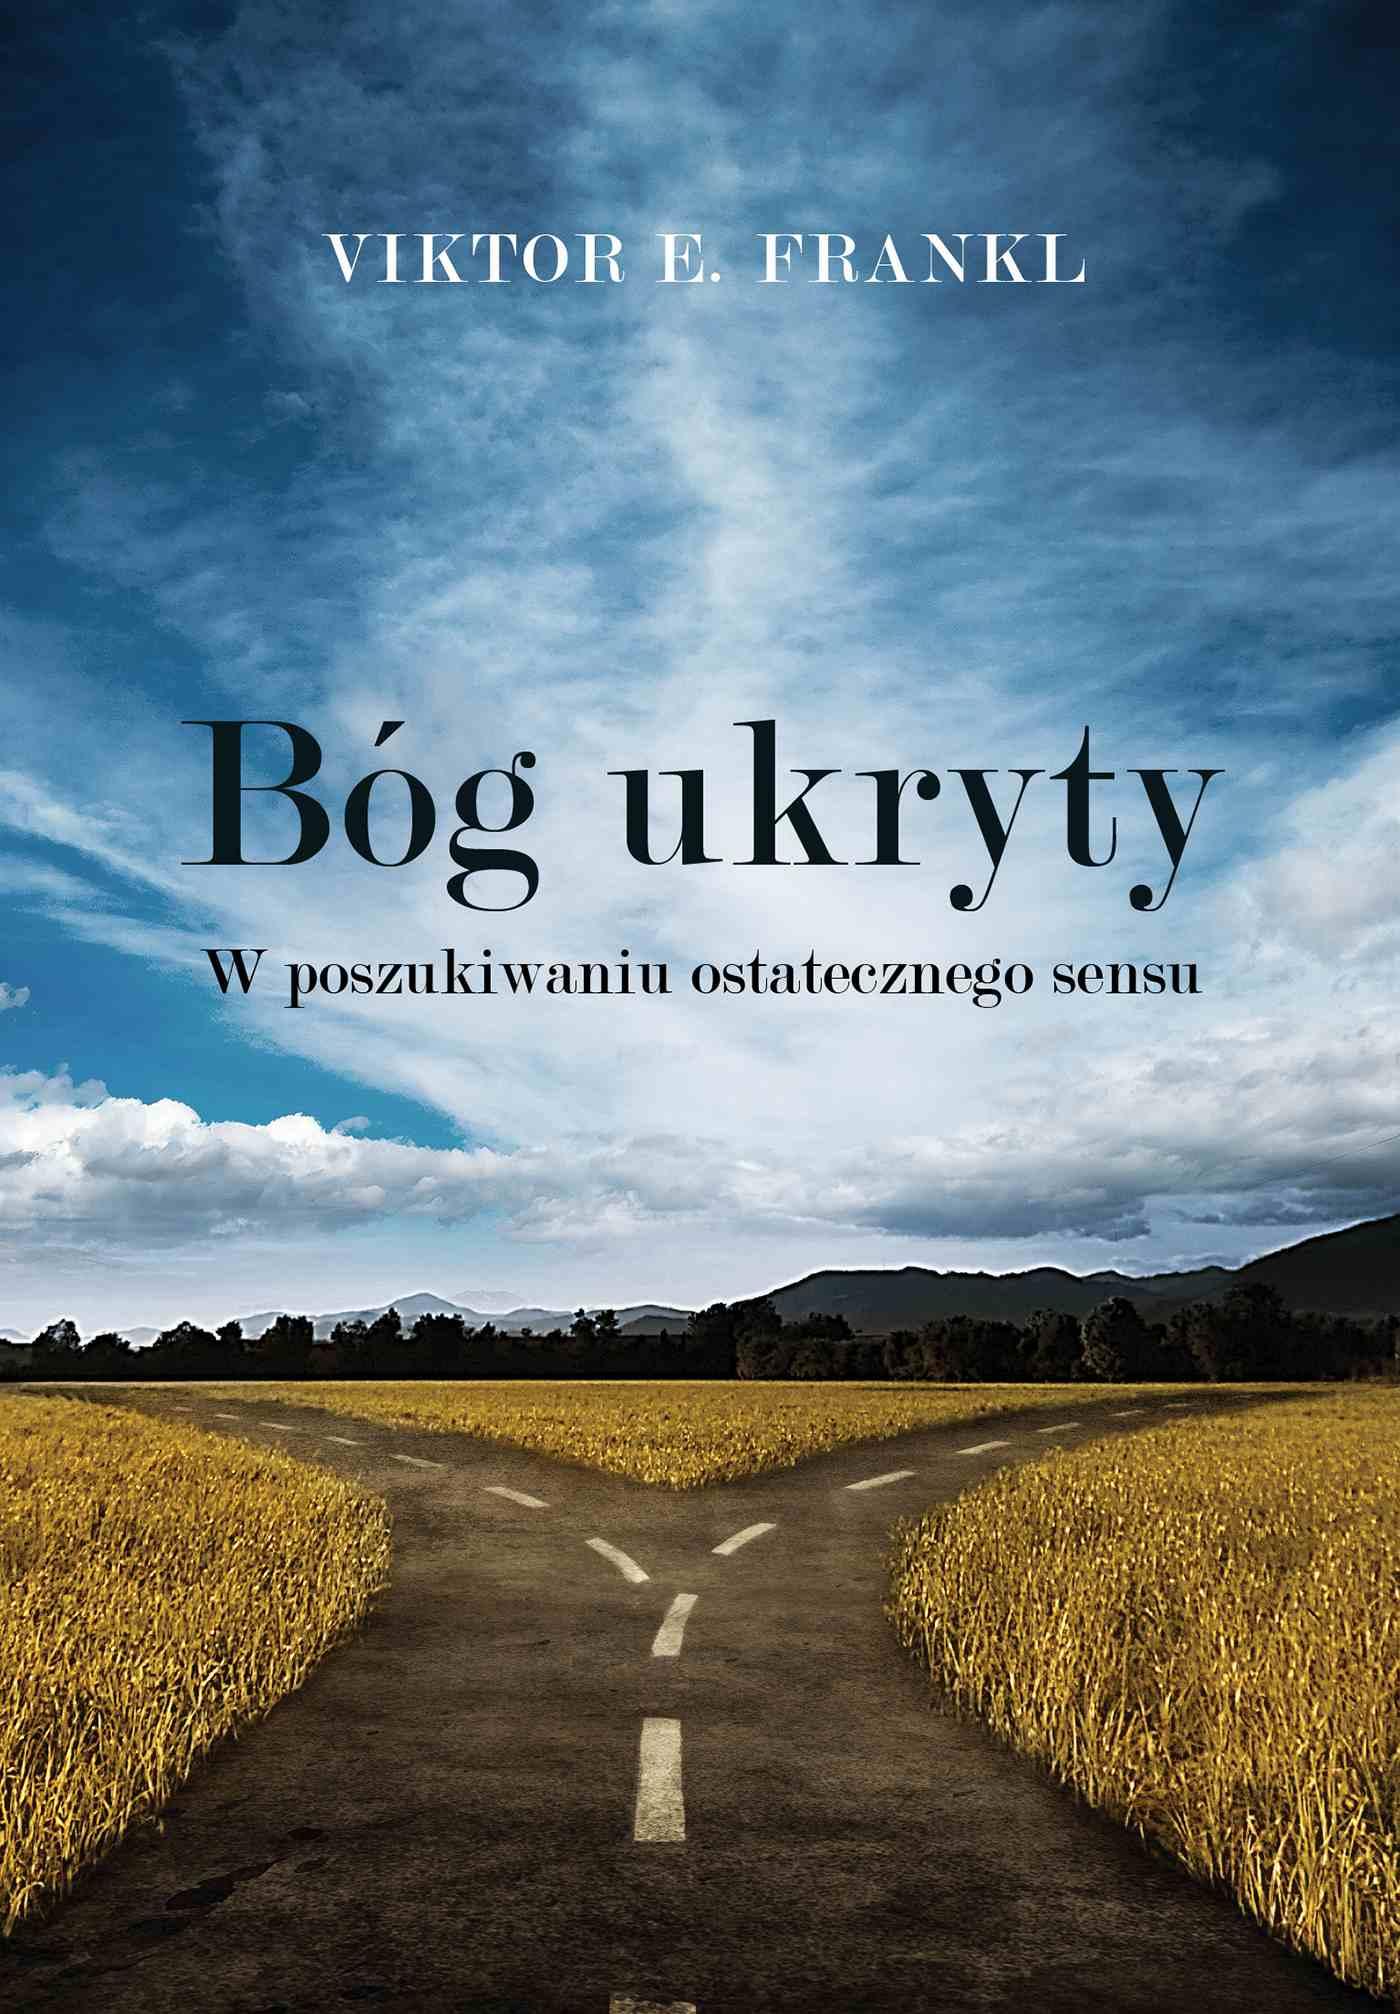 Bóg ukryty - Ebook (Książka EPUB) do pobrania w formacie EPUB